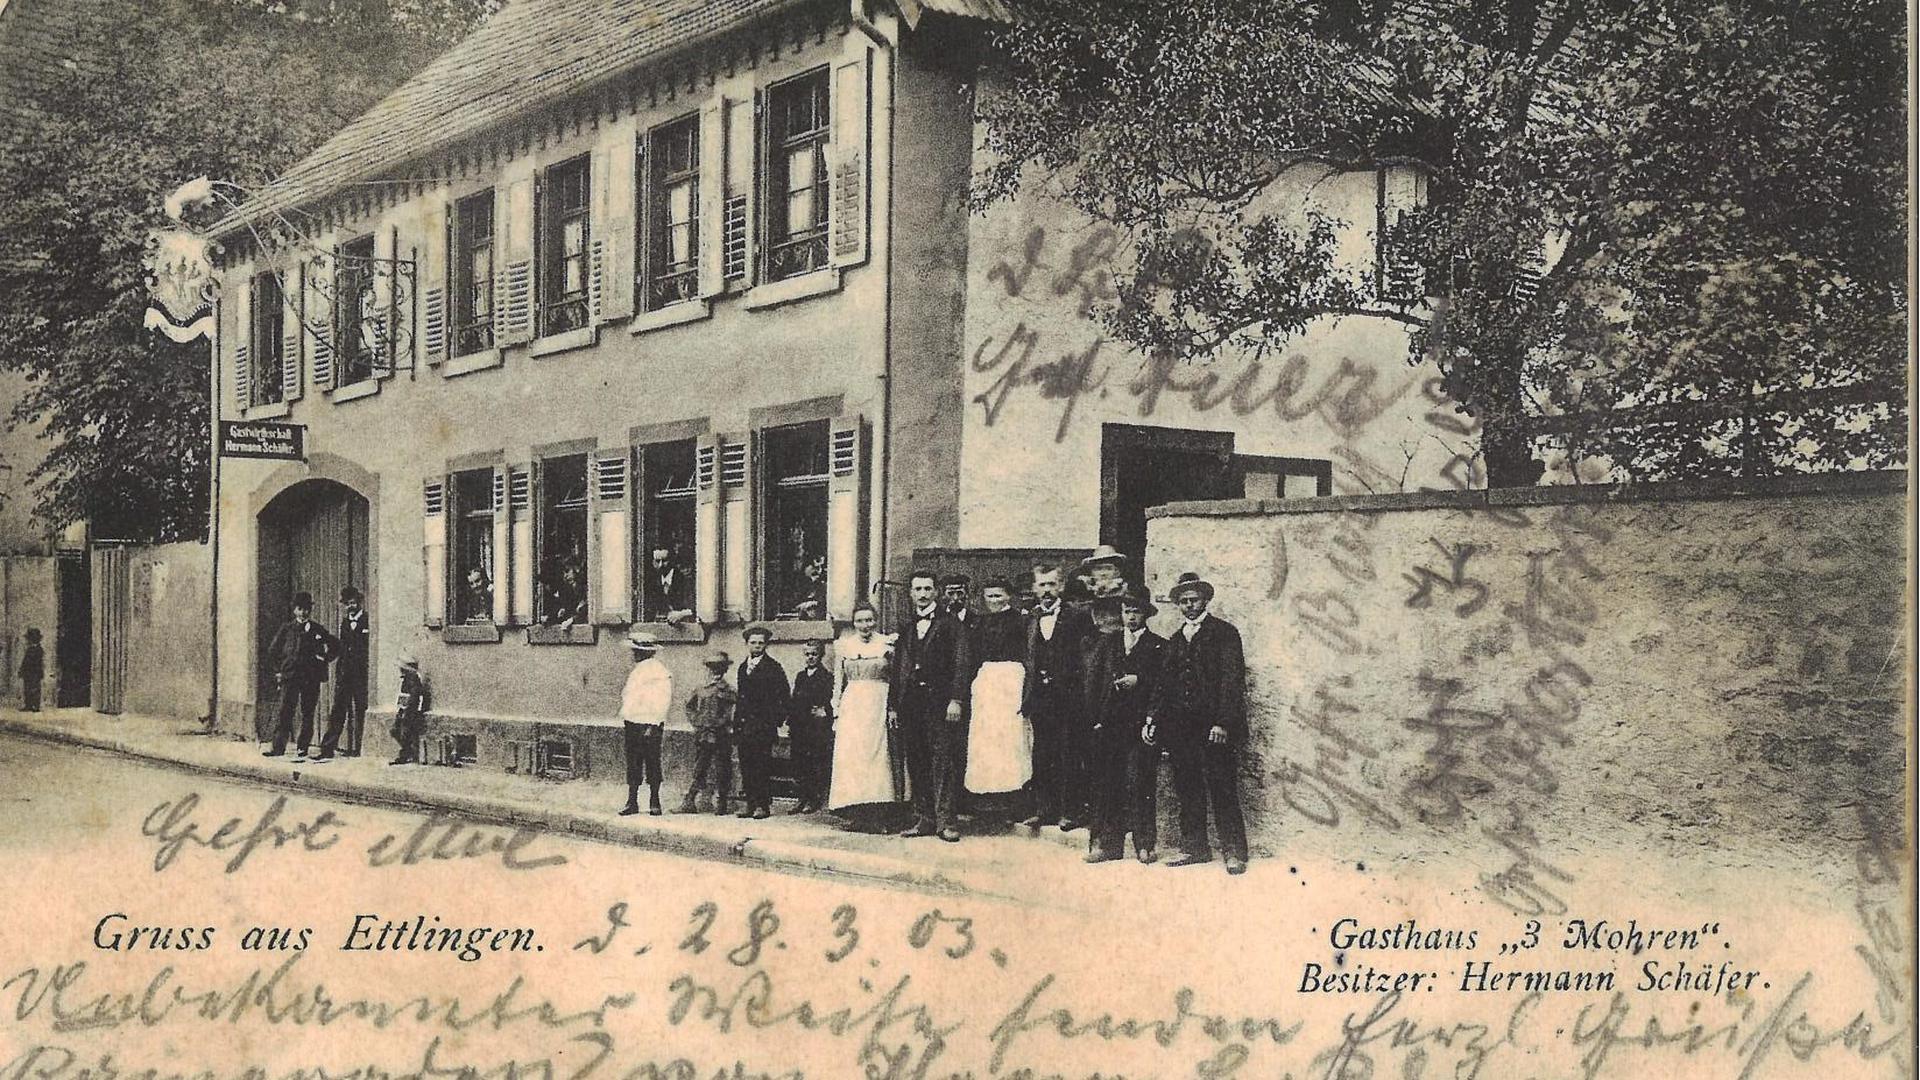 Menschen auf dem Bürgersteig vor einem alten Gasthaus